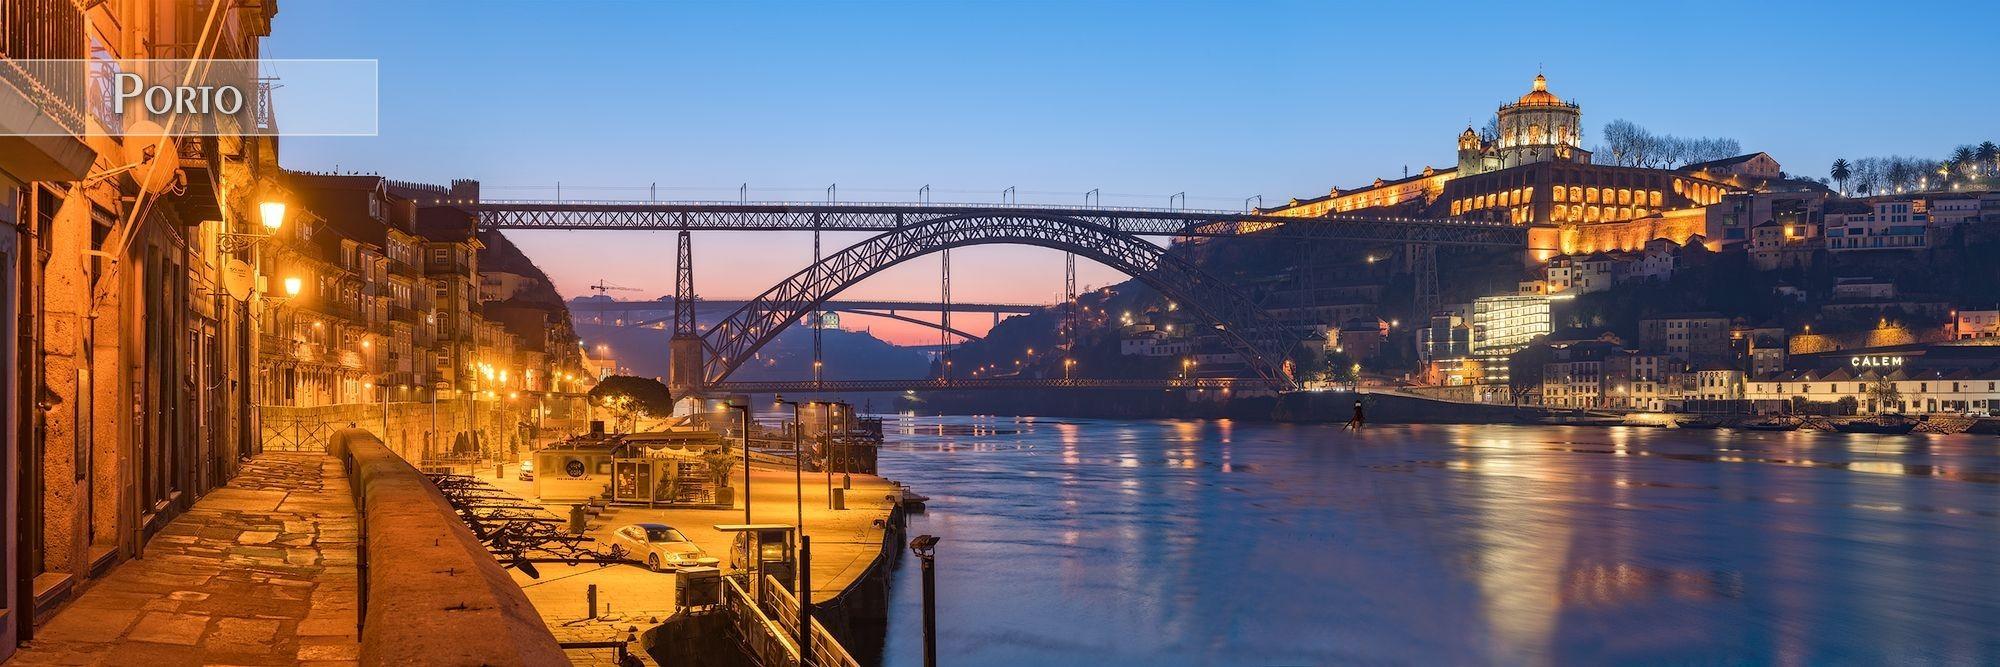 Bilder aus Porto Portugal als Wandbild oder Küchenrückwand